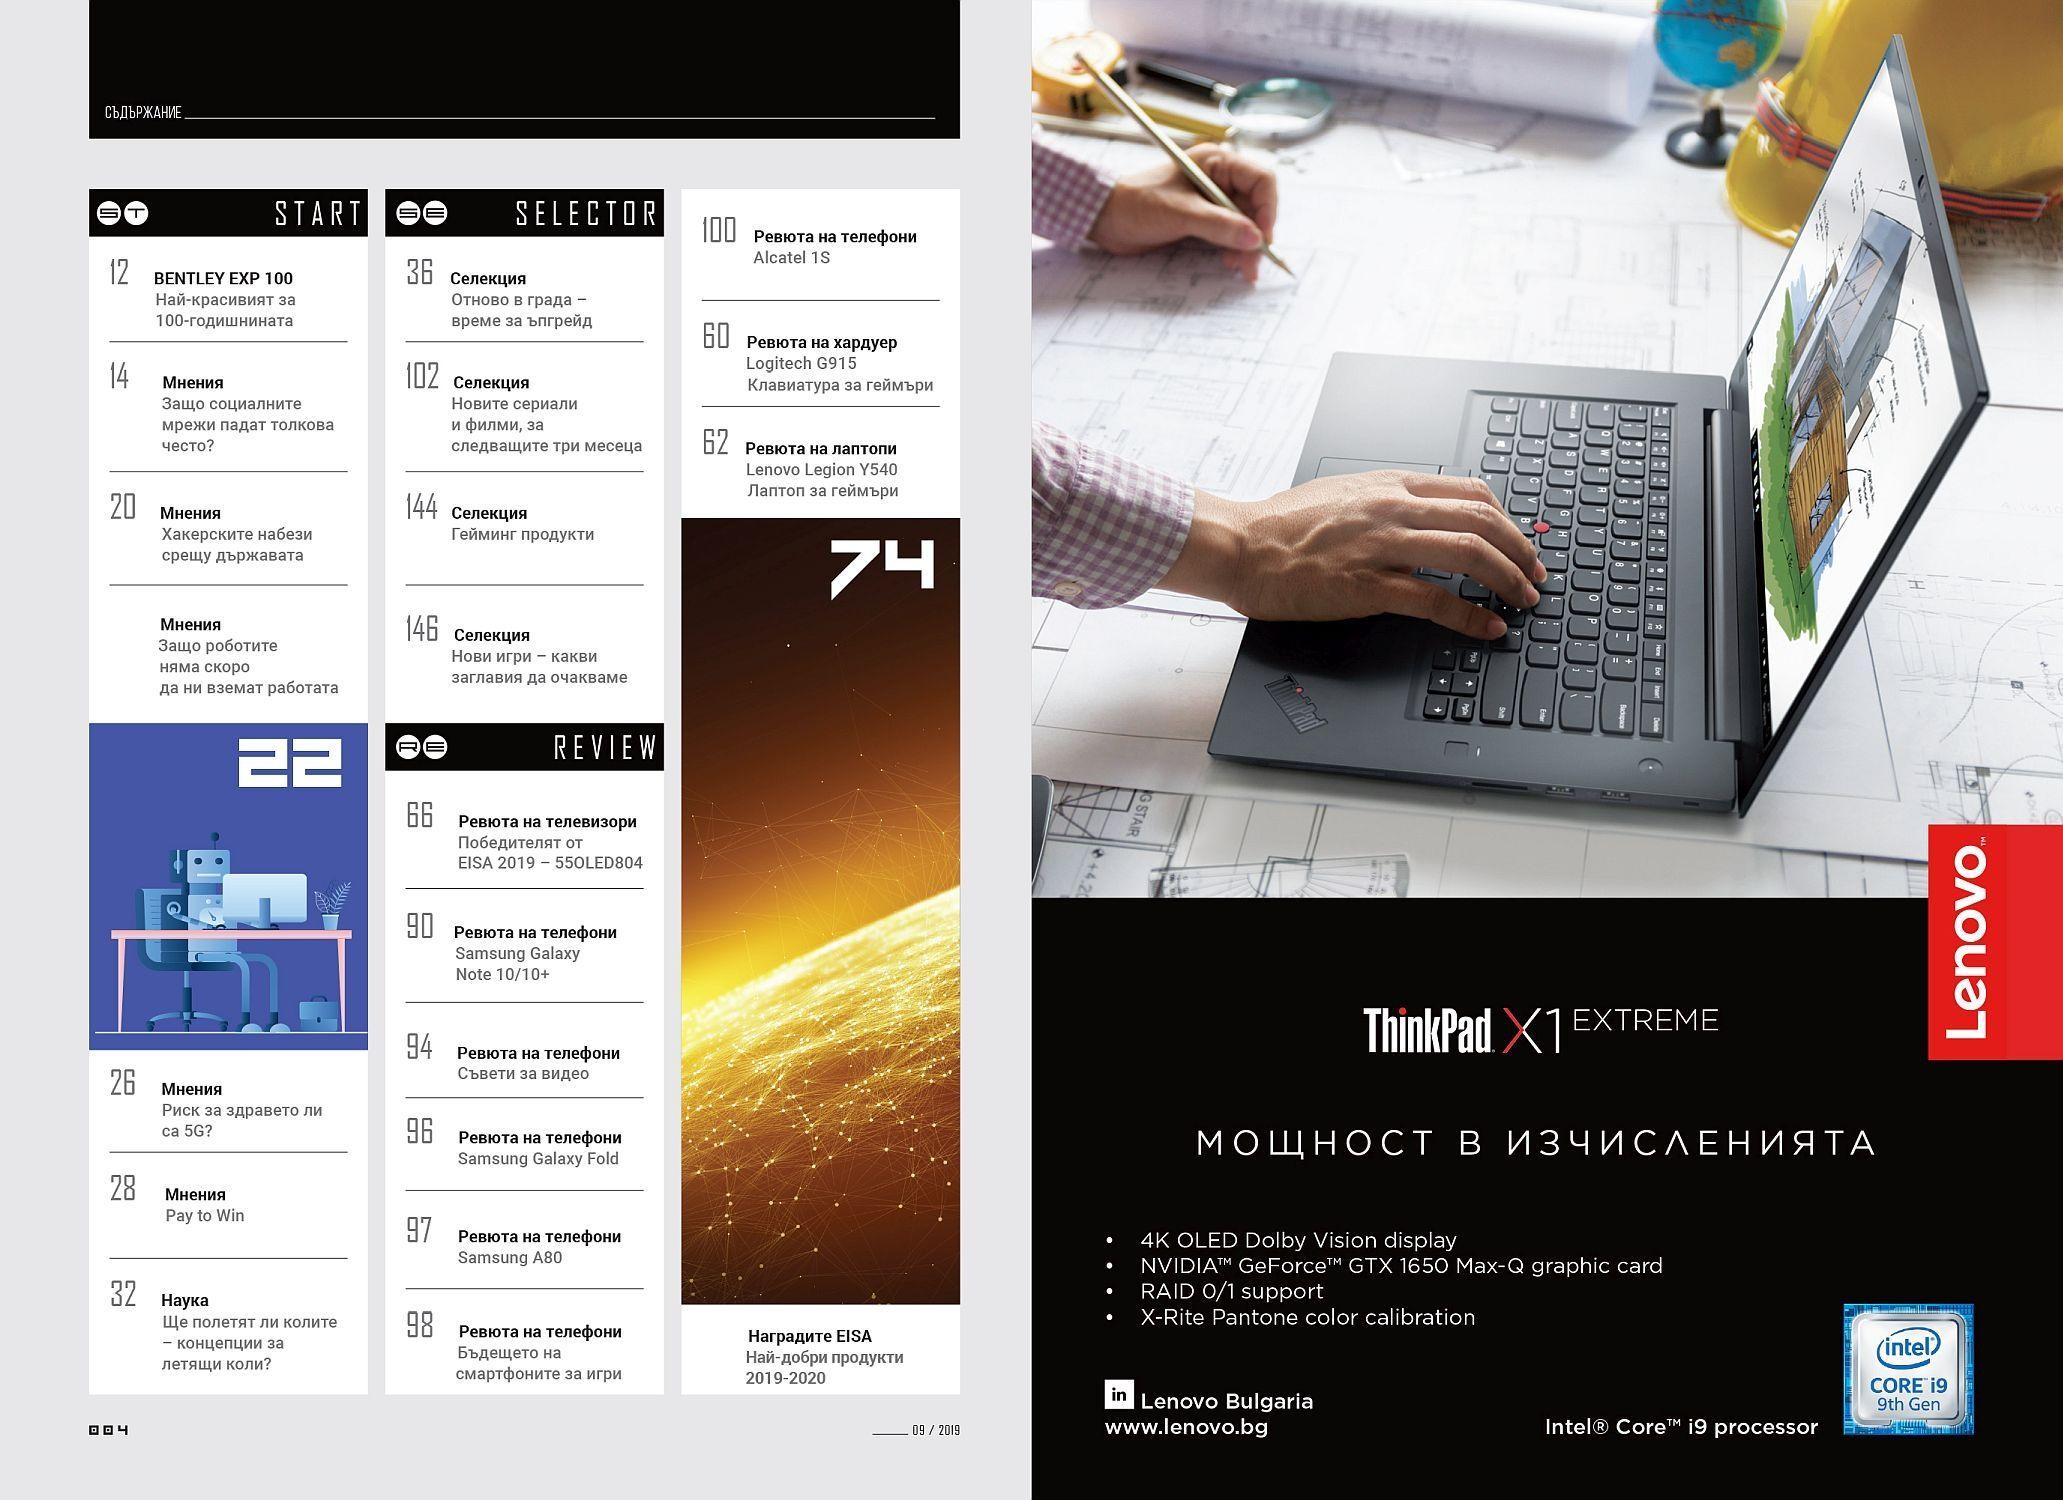 HiComm Есен 2019: Списание за нови технологии и комуникации - брой 213 - 4